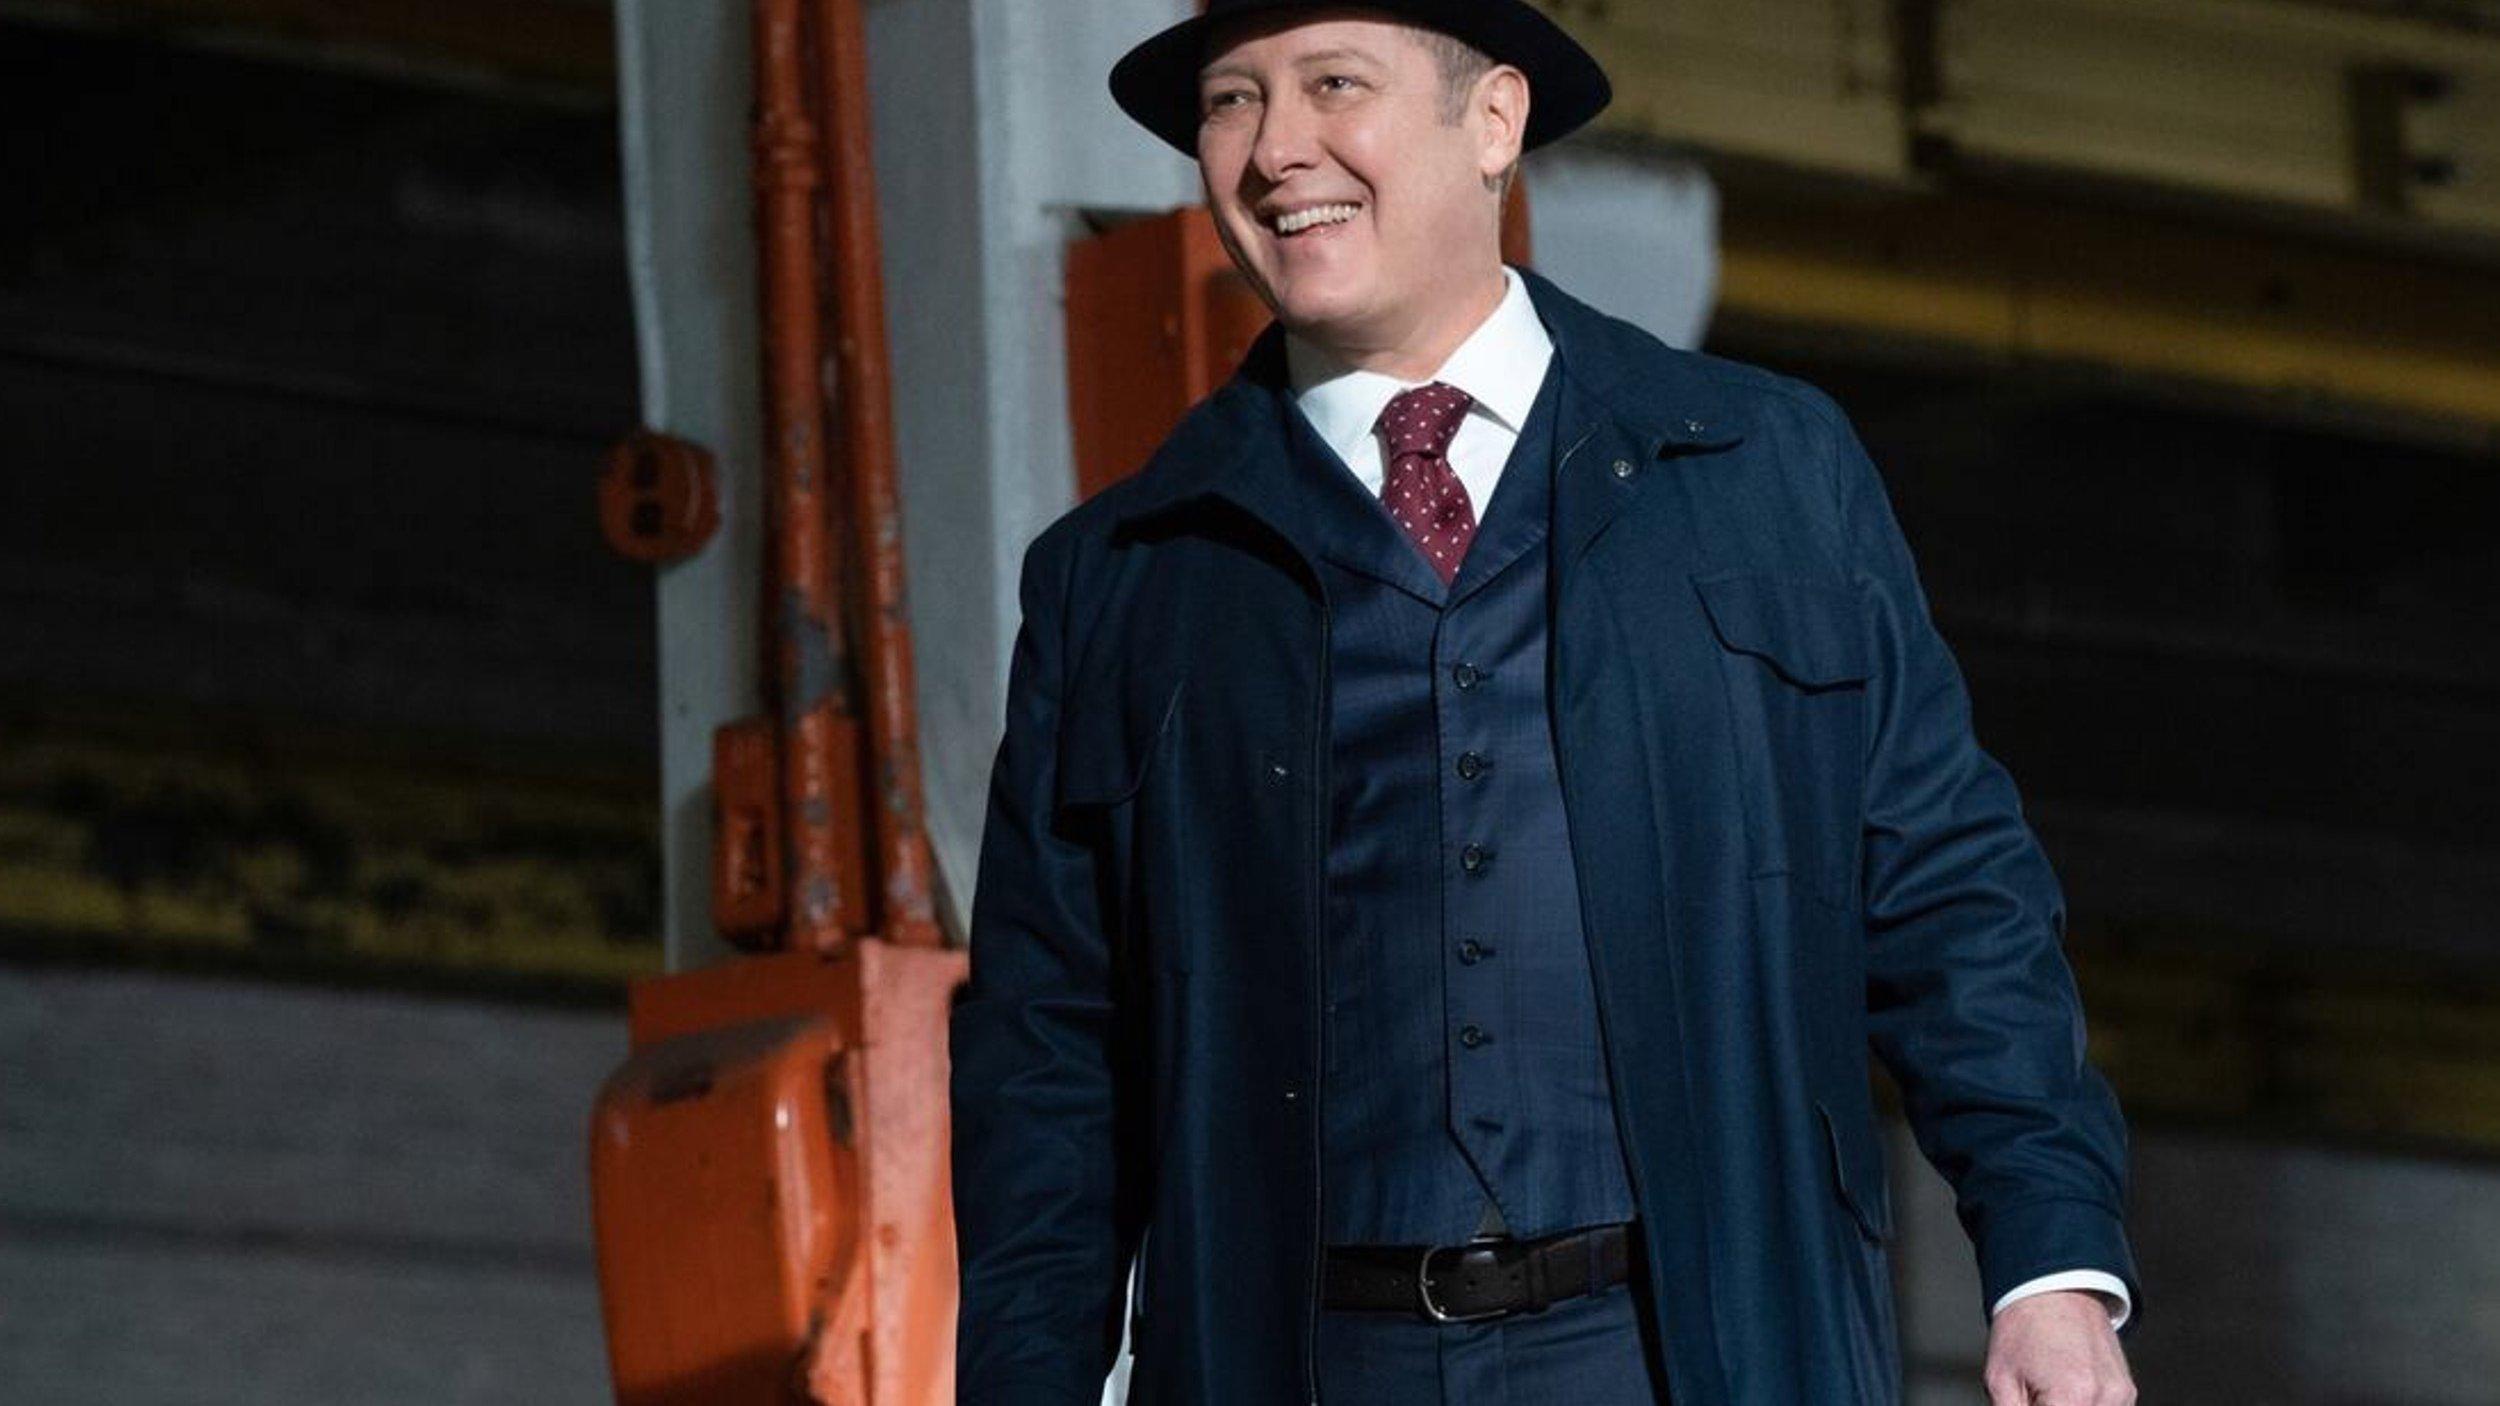 Reddington in einer Maschinenhalle, er grinst ziemlich arrogant